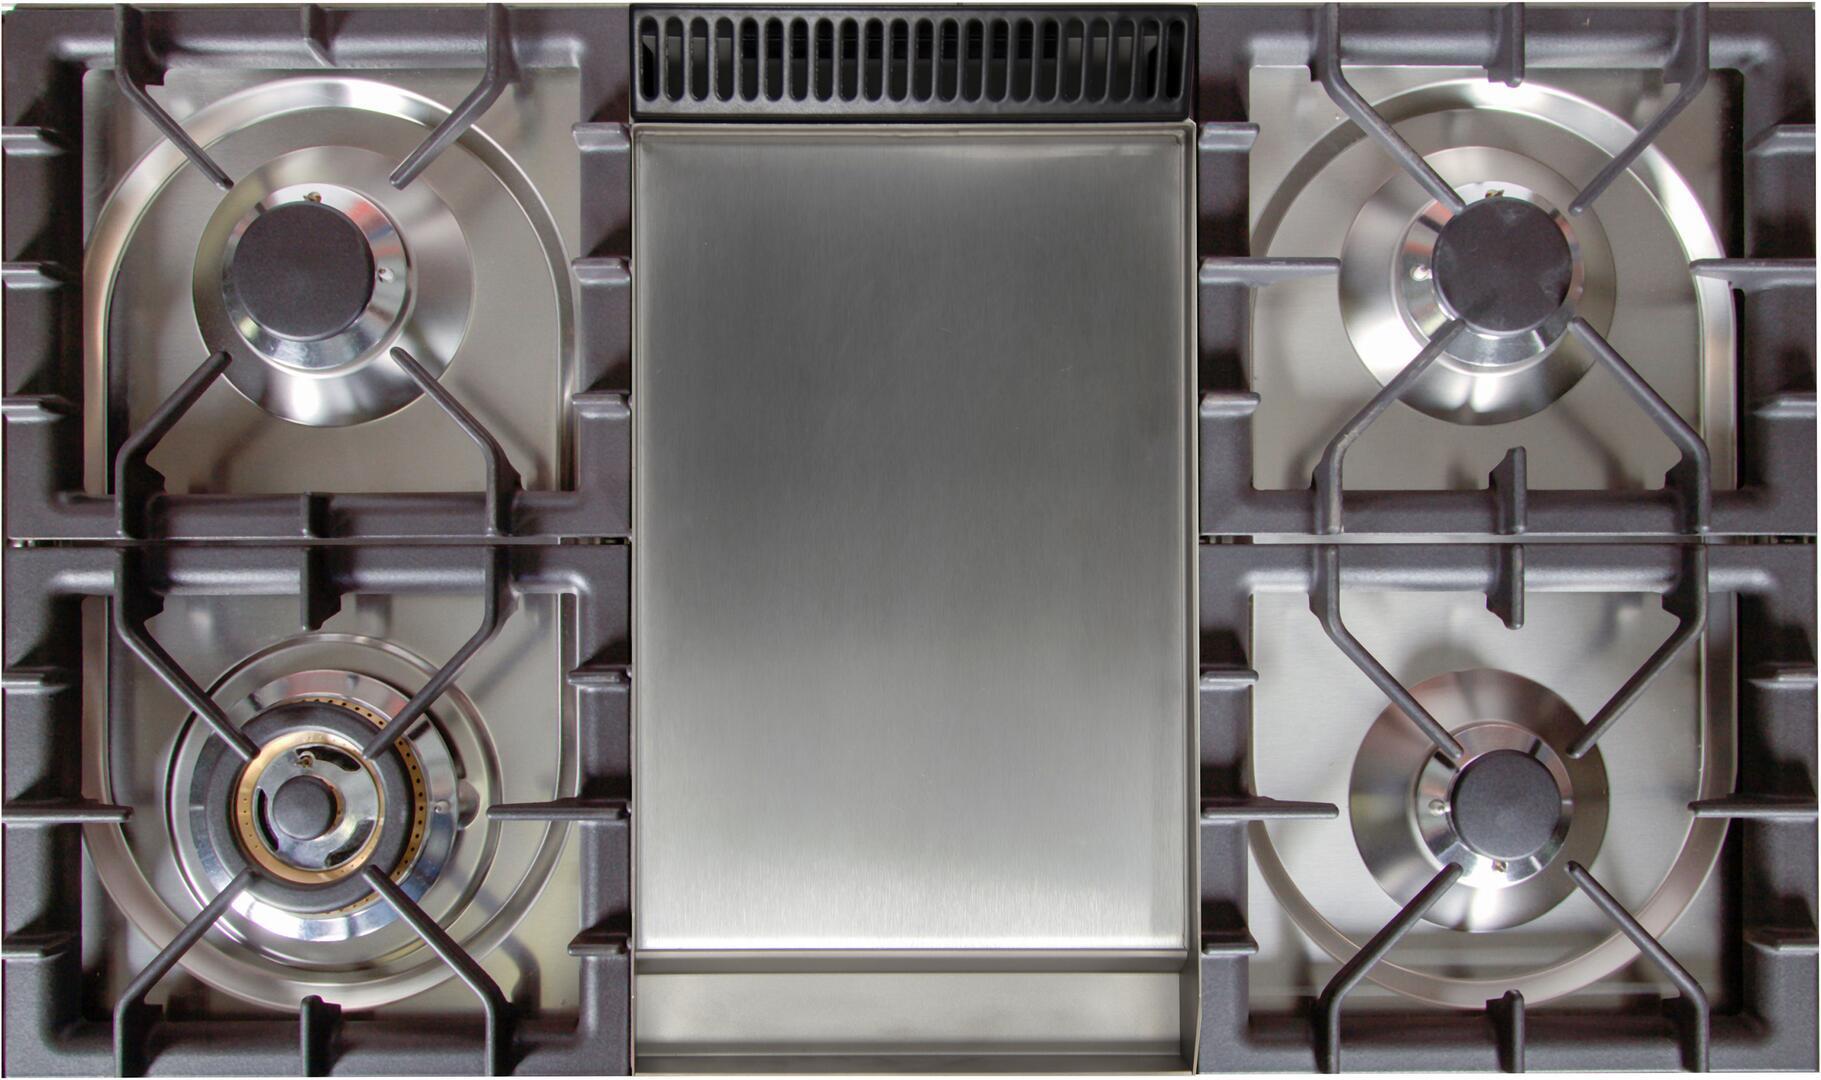 Ilve Professional Plus UPDW100FDMPBLP Freestanding Dual Fuel Range White, 1